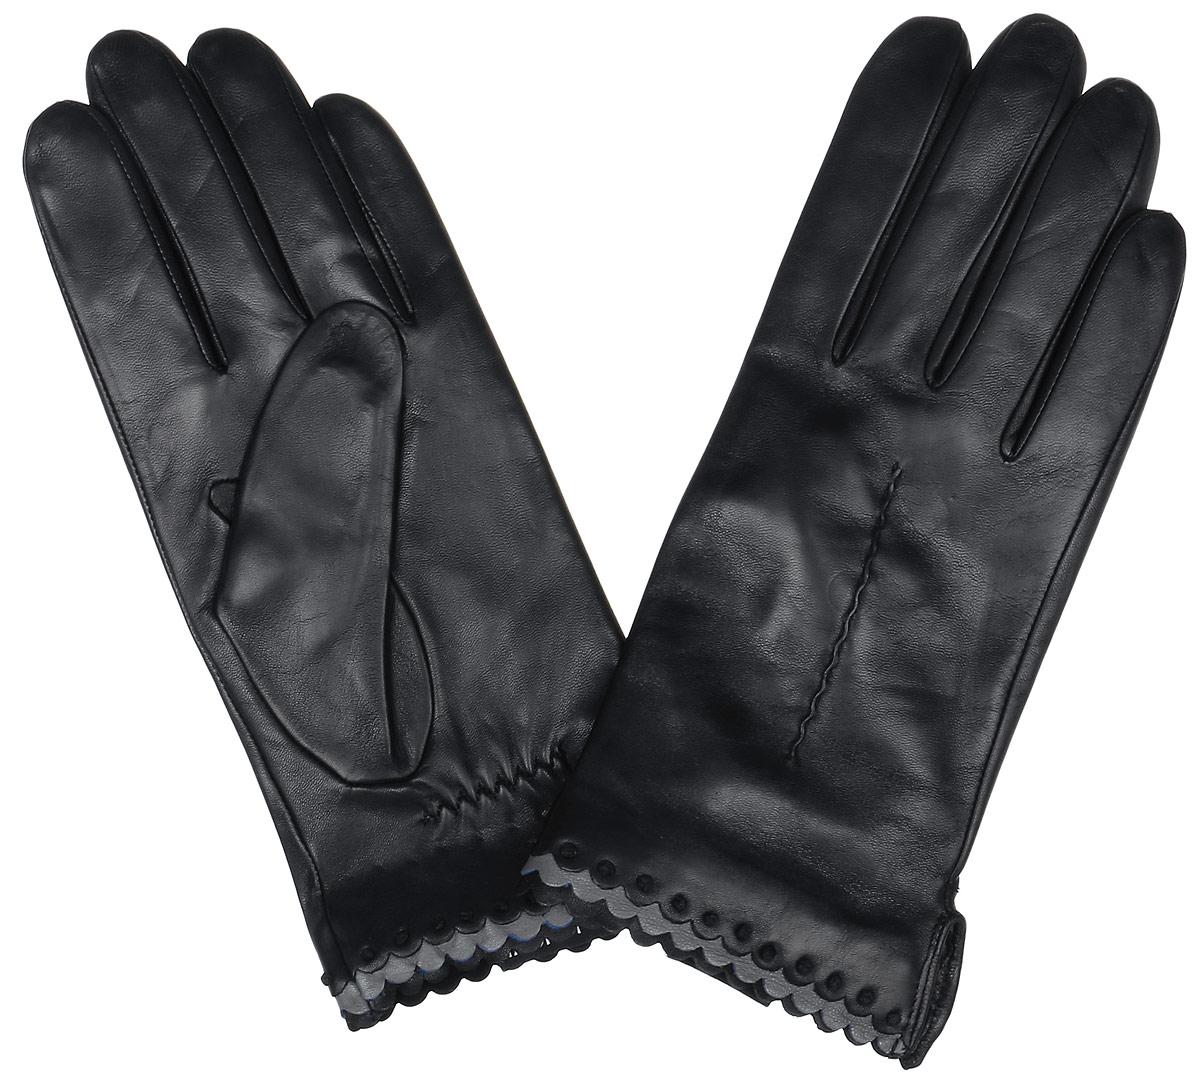 2.80-1 blackСтильные женские перчатки Fabretti не только защитят ваши руки, но и станут великолепным украшением. Перчатки выполнены из натуральной кожи ягненка, а их подкладка - из высококачественной шерсти с добавлением кашемира. Модель оформлена оригинальной каймой и строчками-стежками на запястье. Стильный аксессуар для повседневного образа.